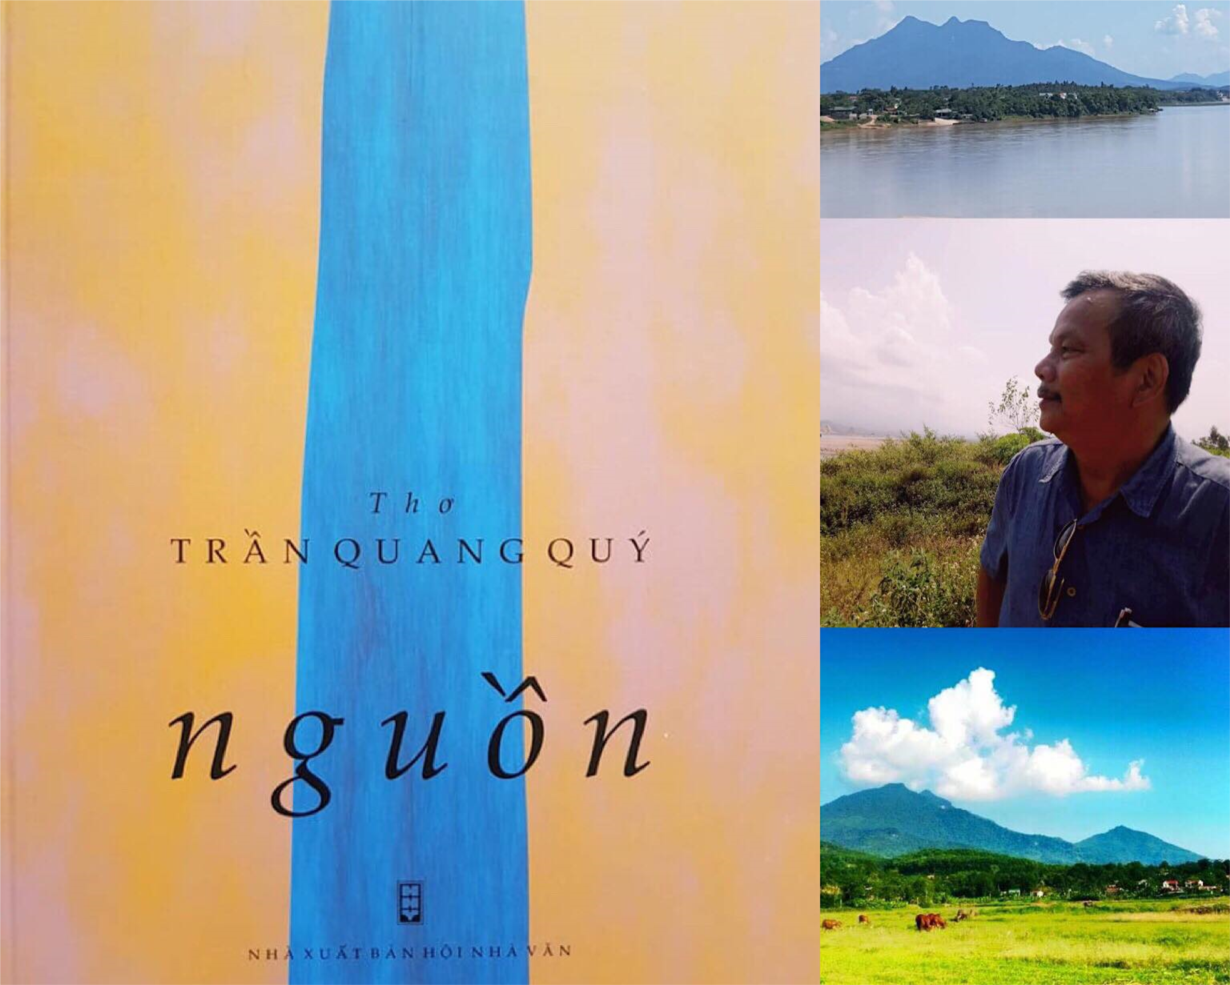 Nhà thơ Trần Quang Quý từ Nguồn mà đi